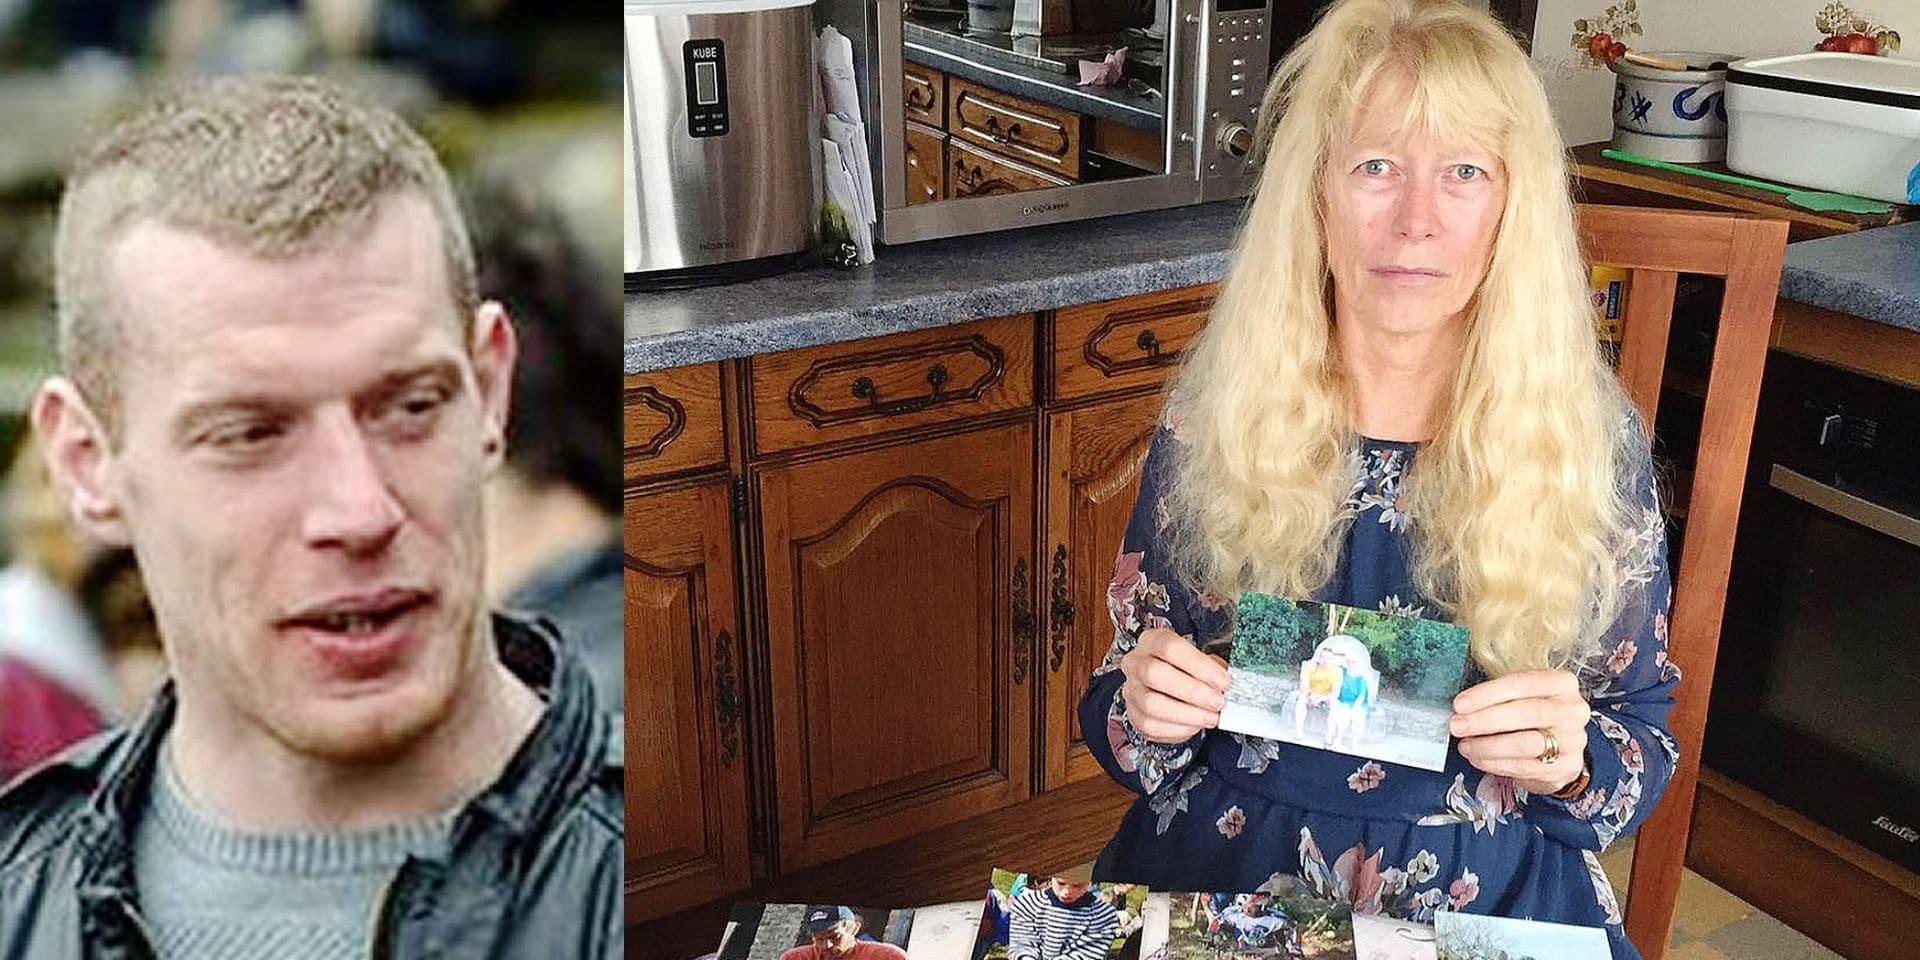 """Erhan Murat jugé aux assises de Namur pour le meurtre de Raphaël Warnant: """"Comment peut-on en arriver à une telle violence !"""", s'exclame la maman"""